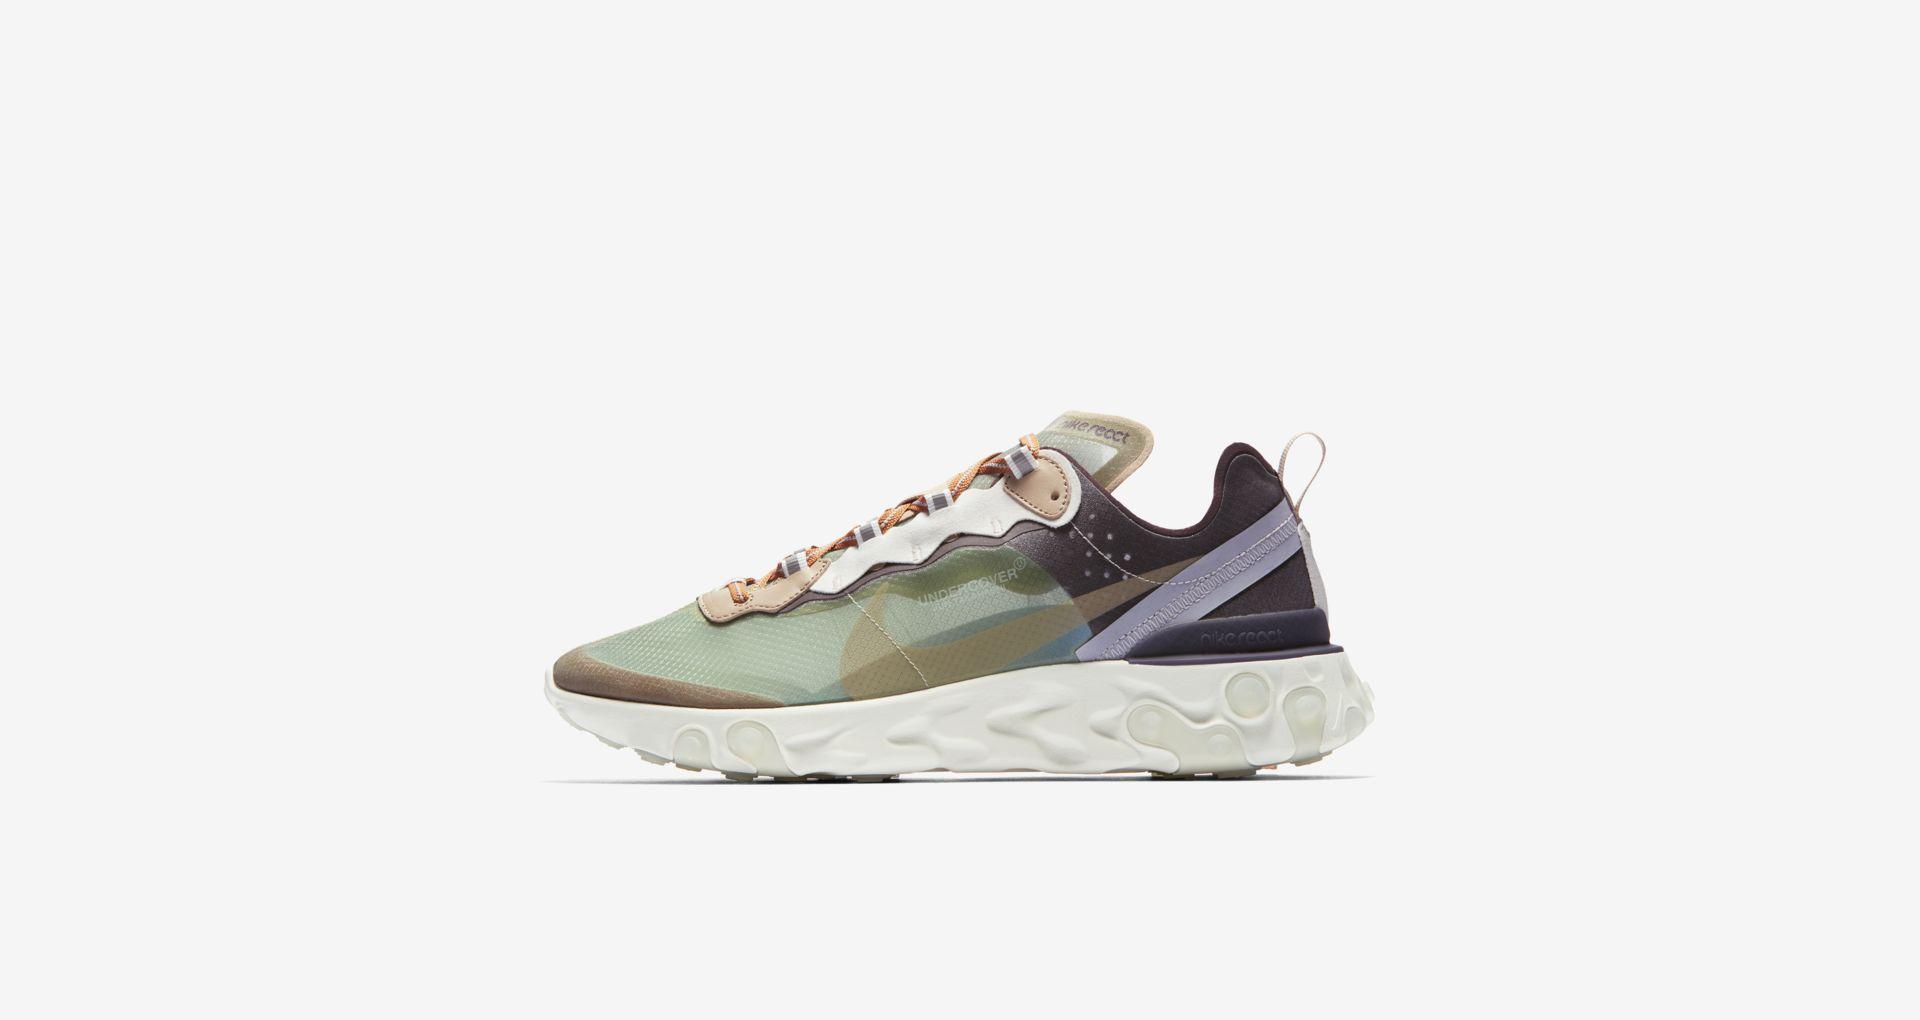 BQ2718 300 Undercover x Nike React Element 87 Green Mist 2